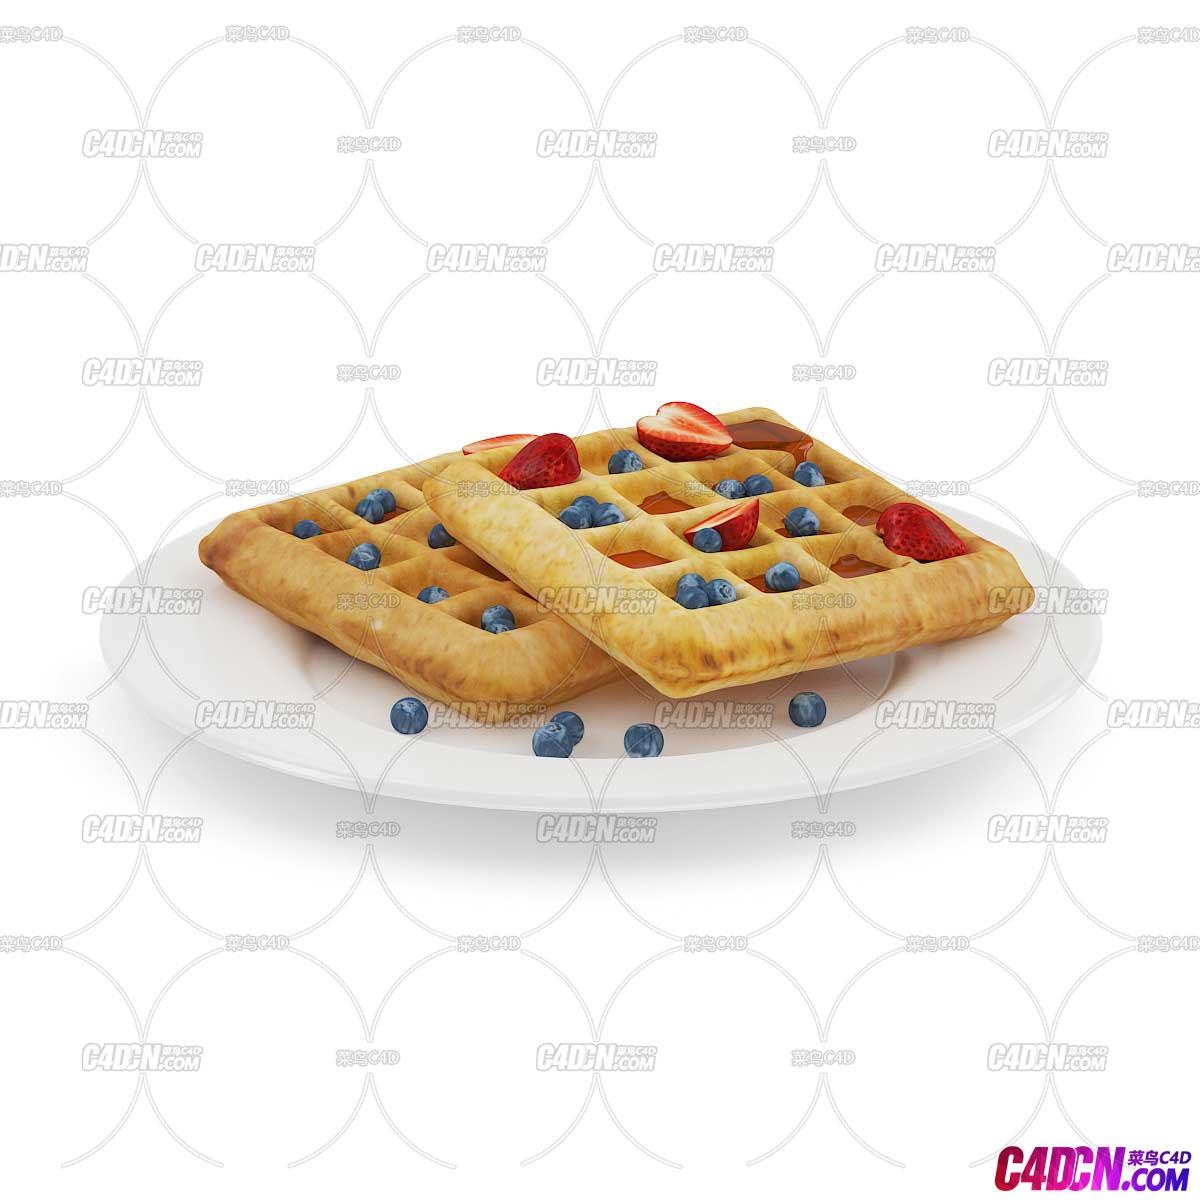 C4D模型 饼干食品模型